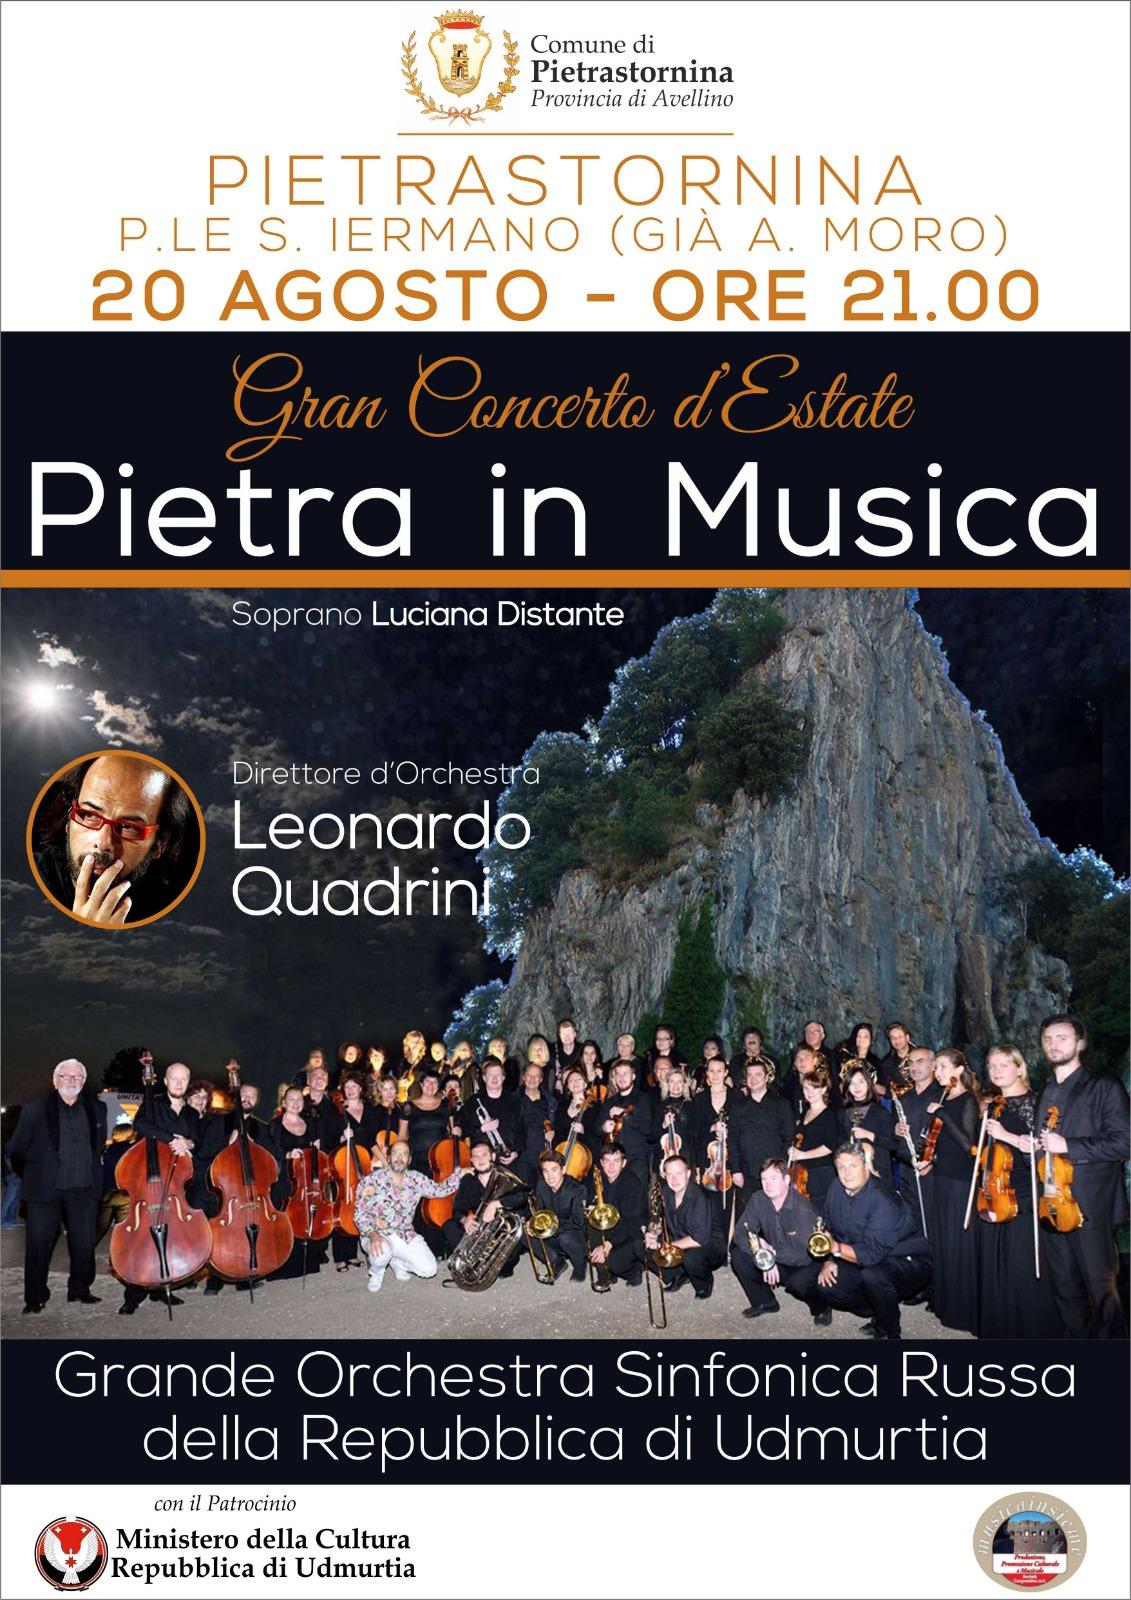 Pietrastornina| Grande concerto d'estate con orchestra della Repubblica Russa di Udmurtia